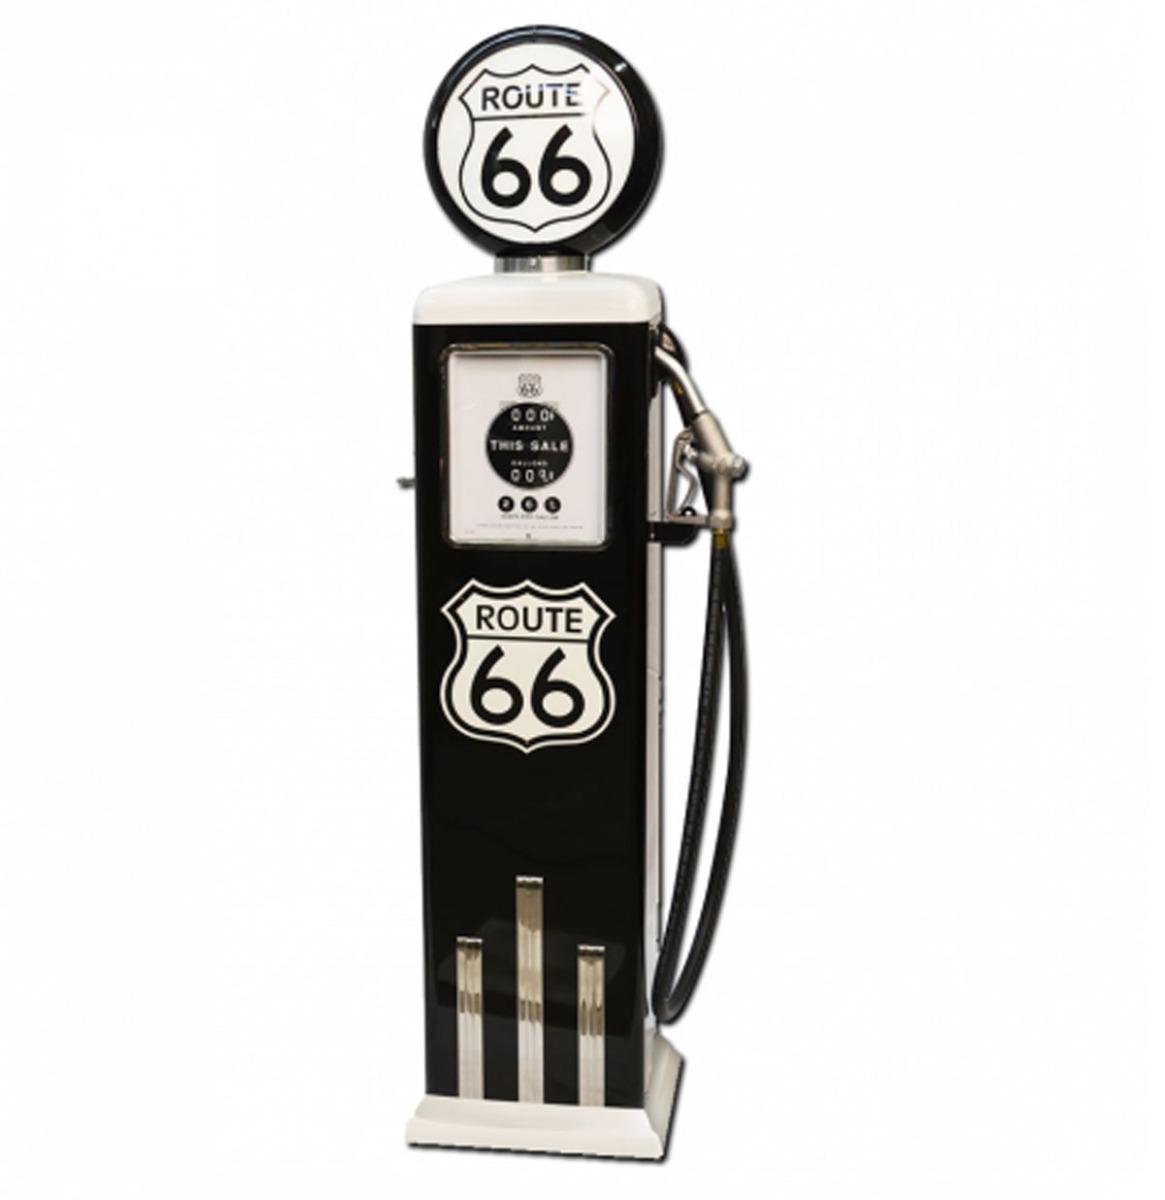 Route 66 8 Ball Elektrische Benzinepomp Met Voet - Zwart & Wit - Reproductie